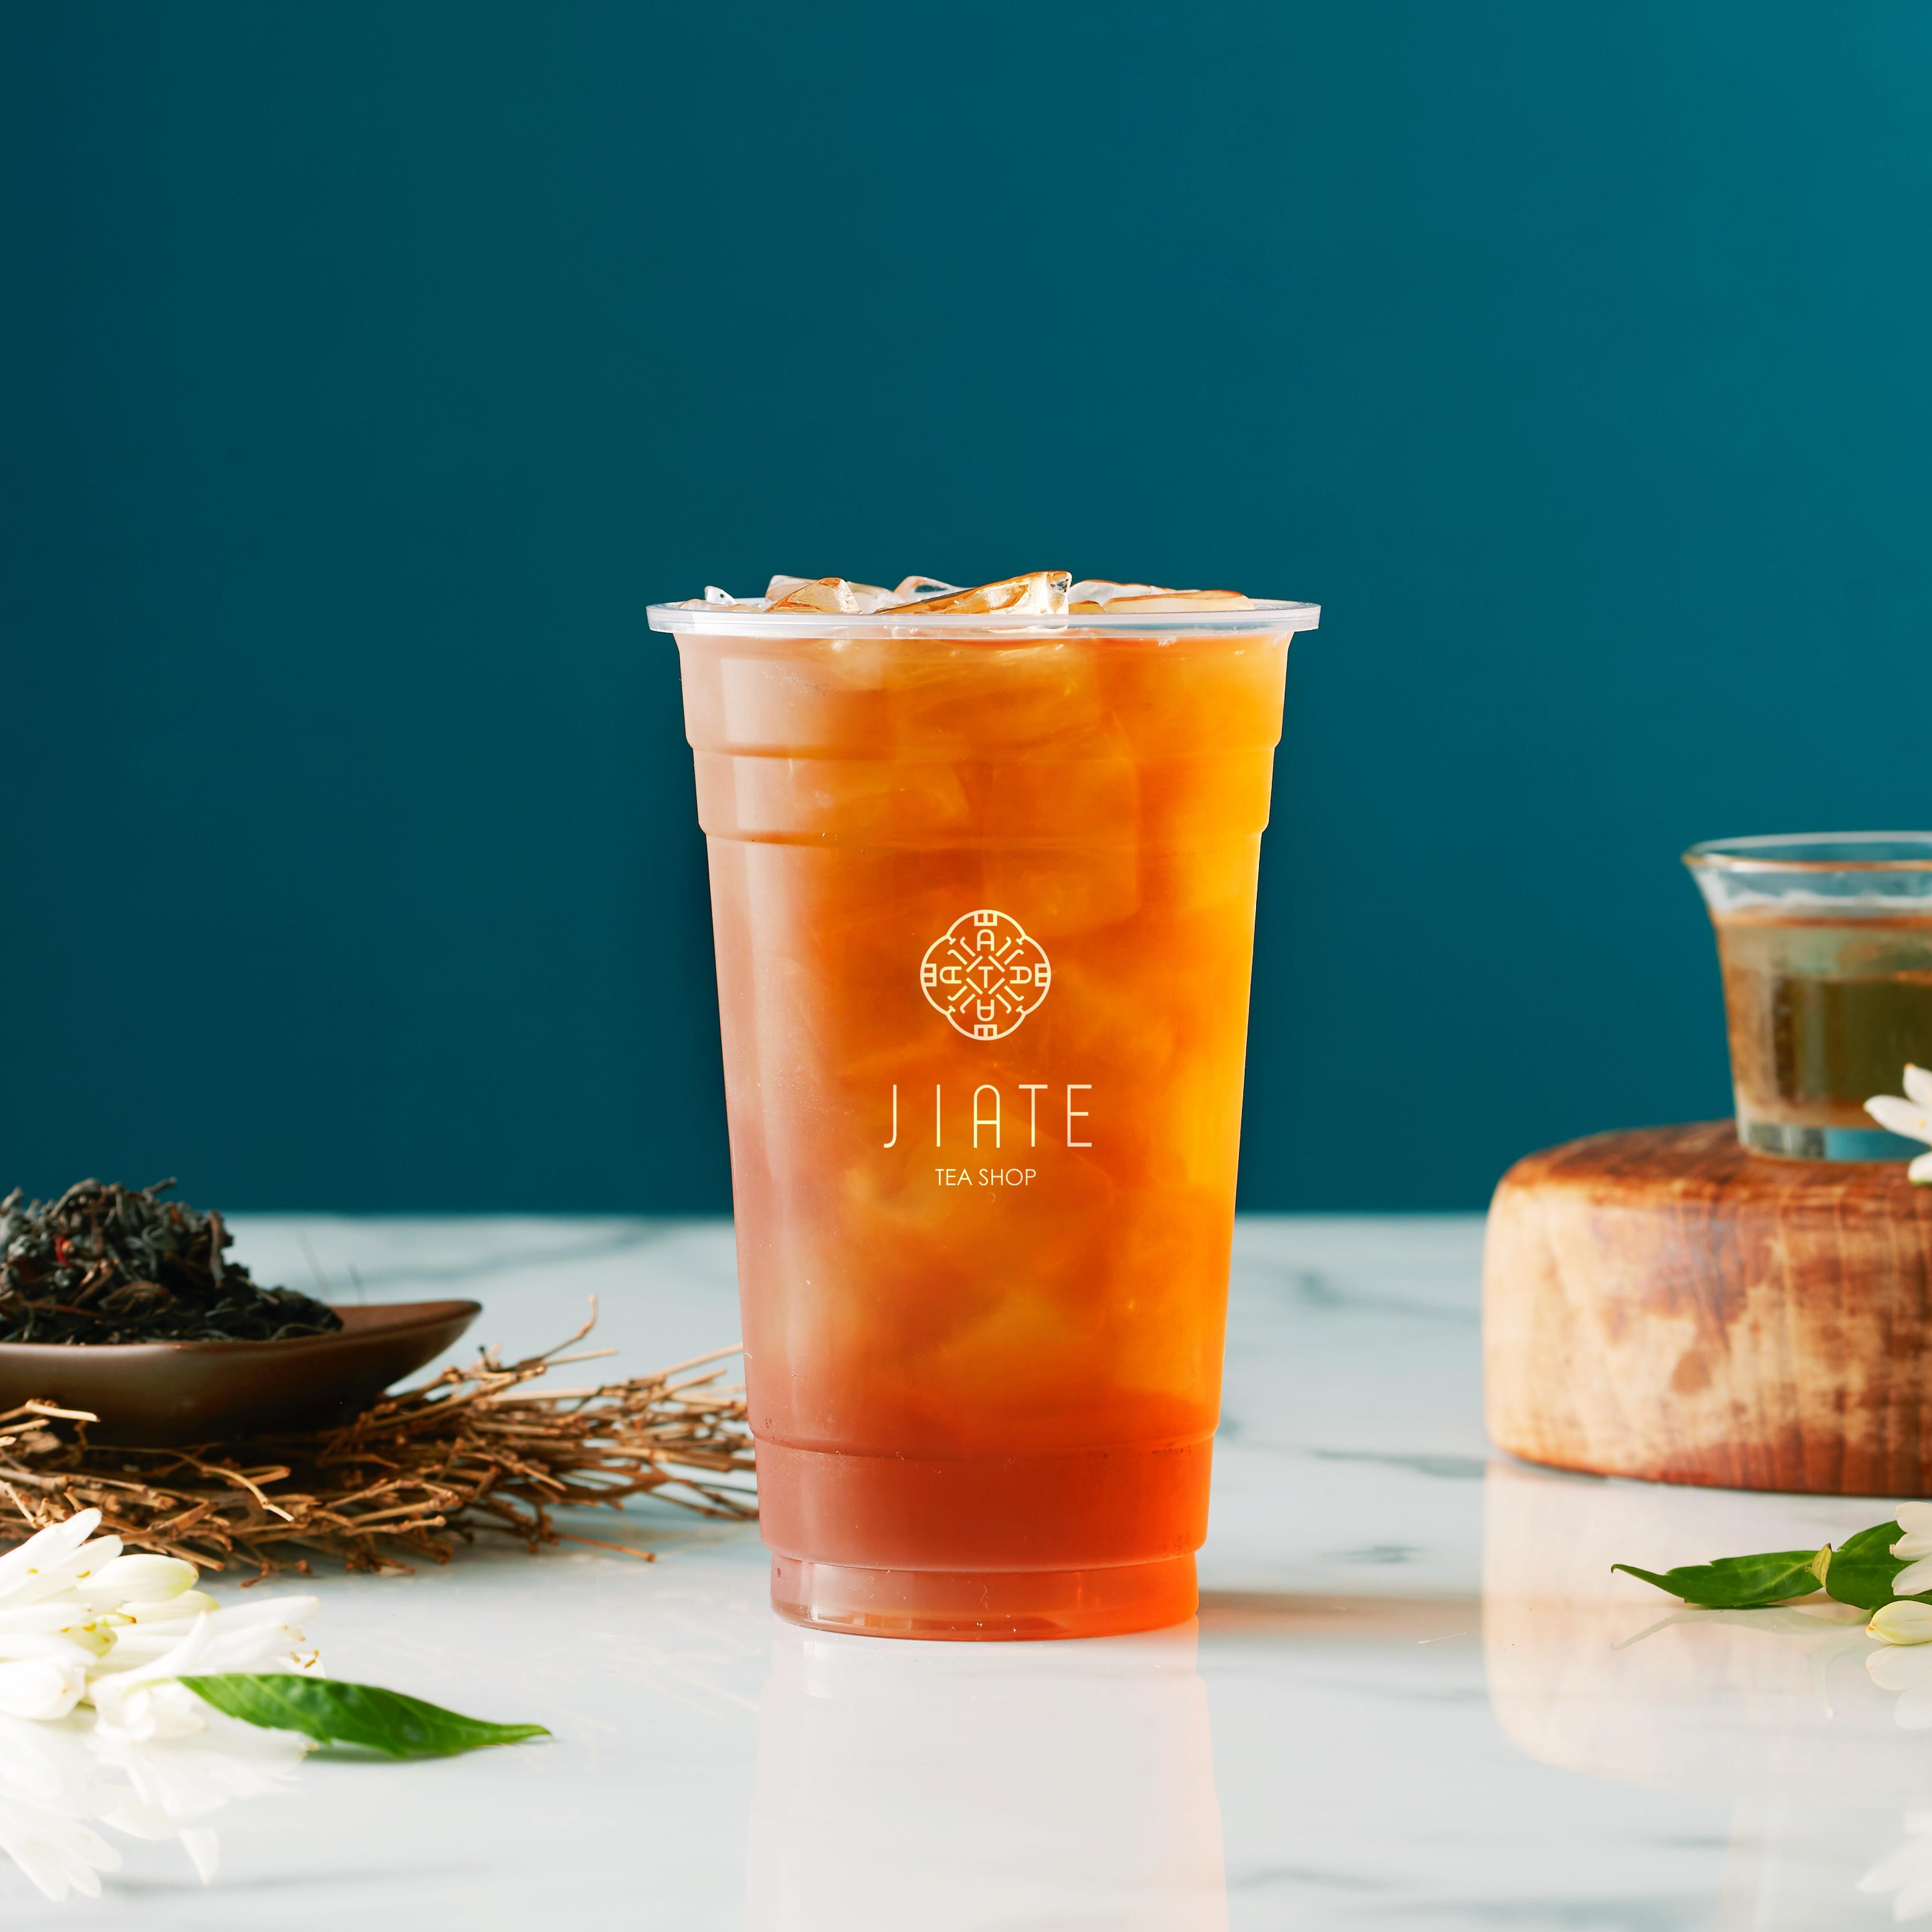 <p>夏季飲品新選擇!手沖茶品牌 JIATE 推出全台獨家「熟成紅茶之王」</p>